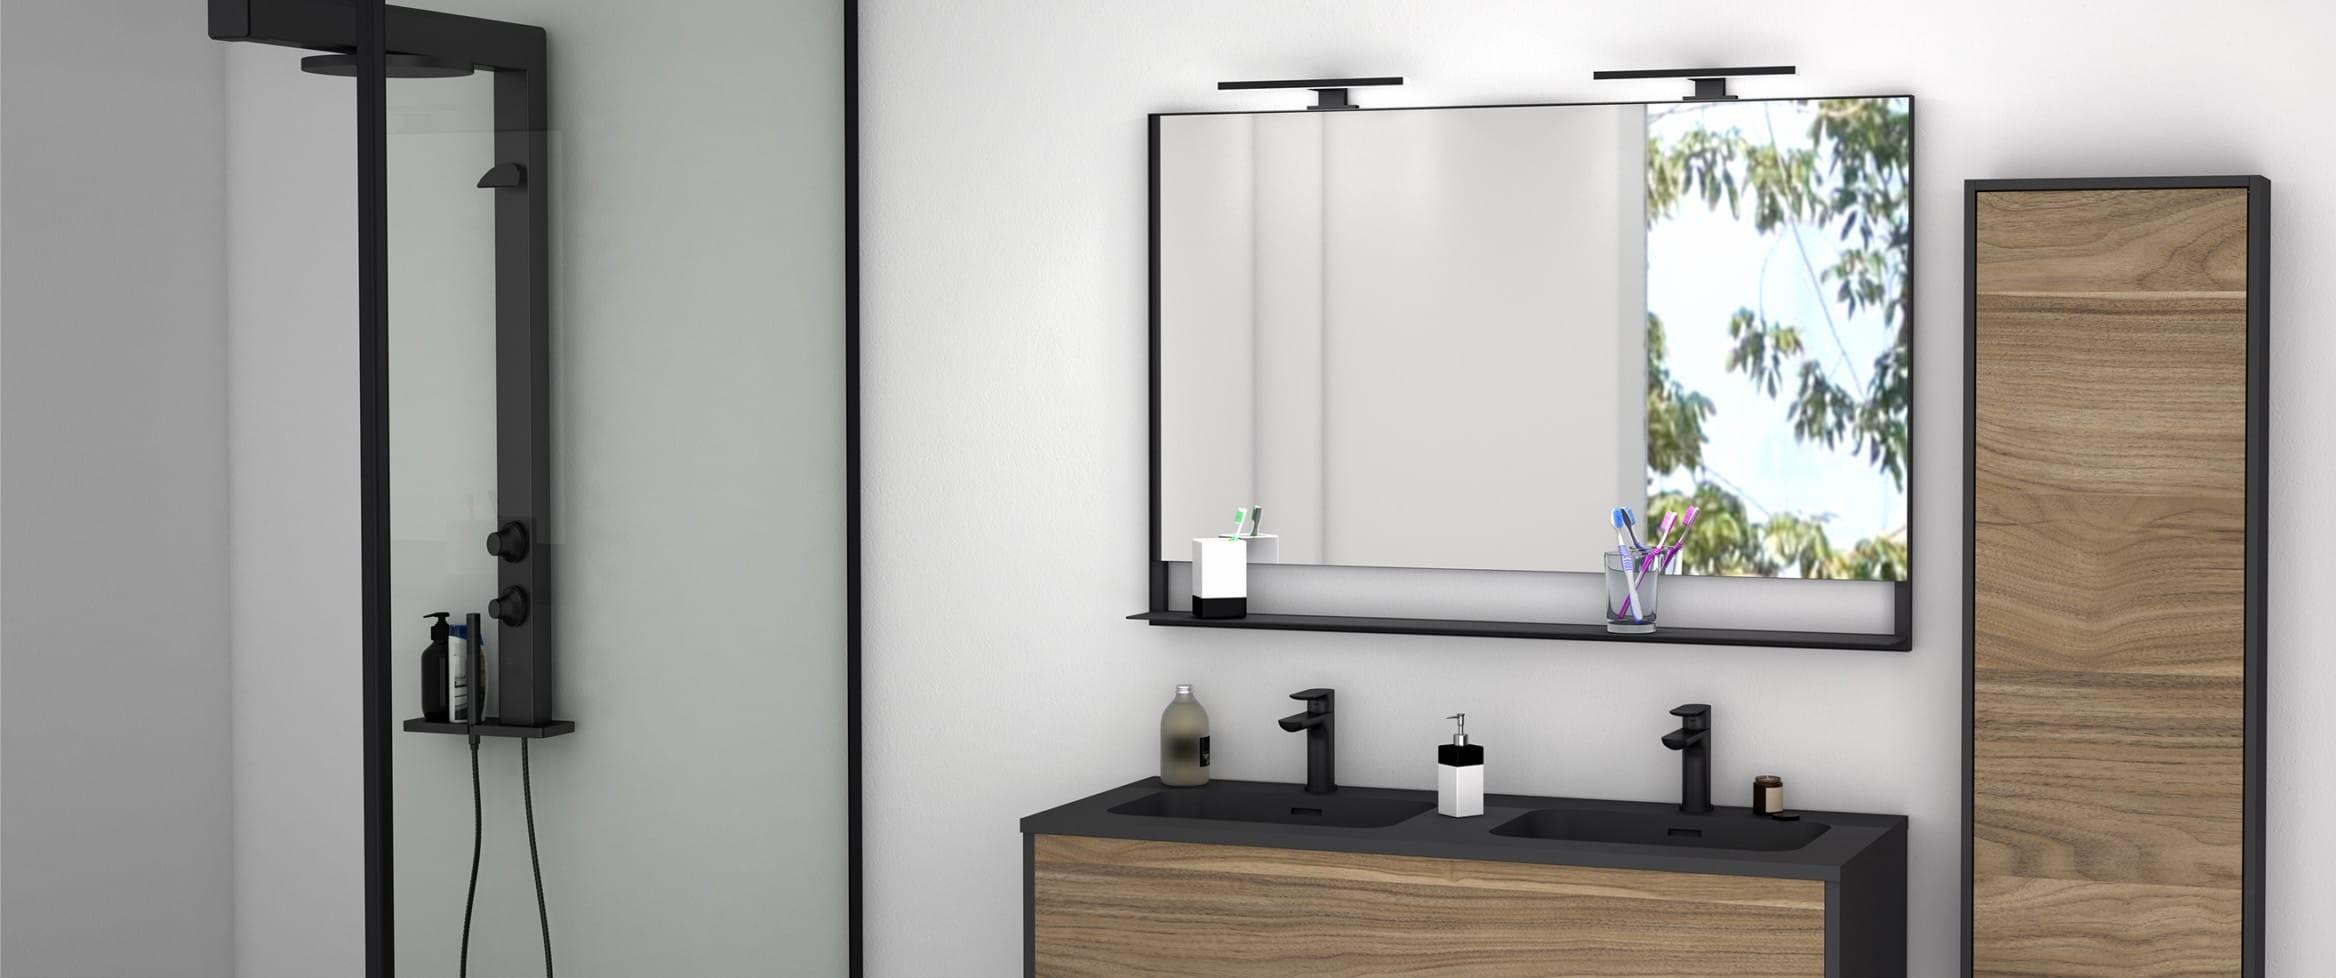 Miroir salles de bain discac